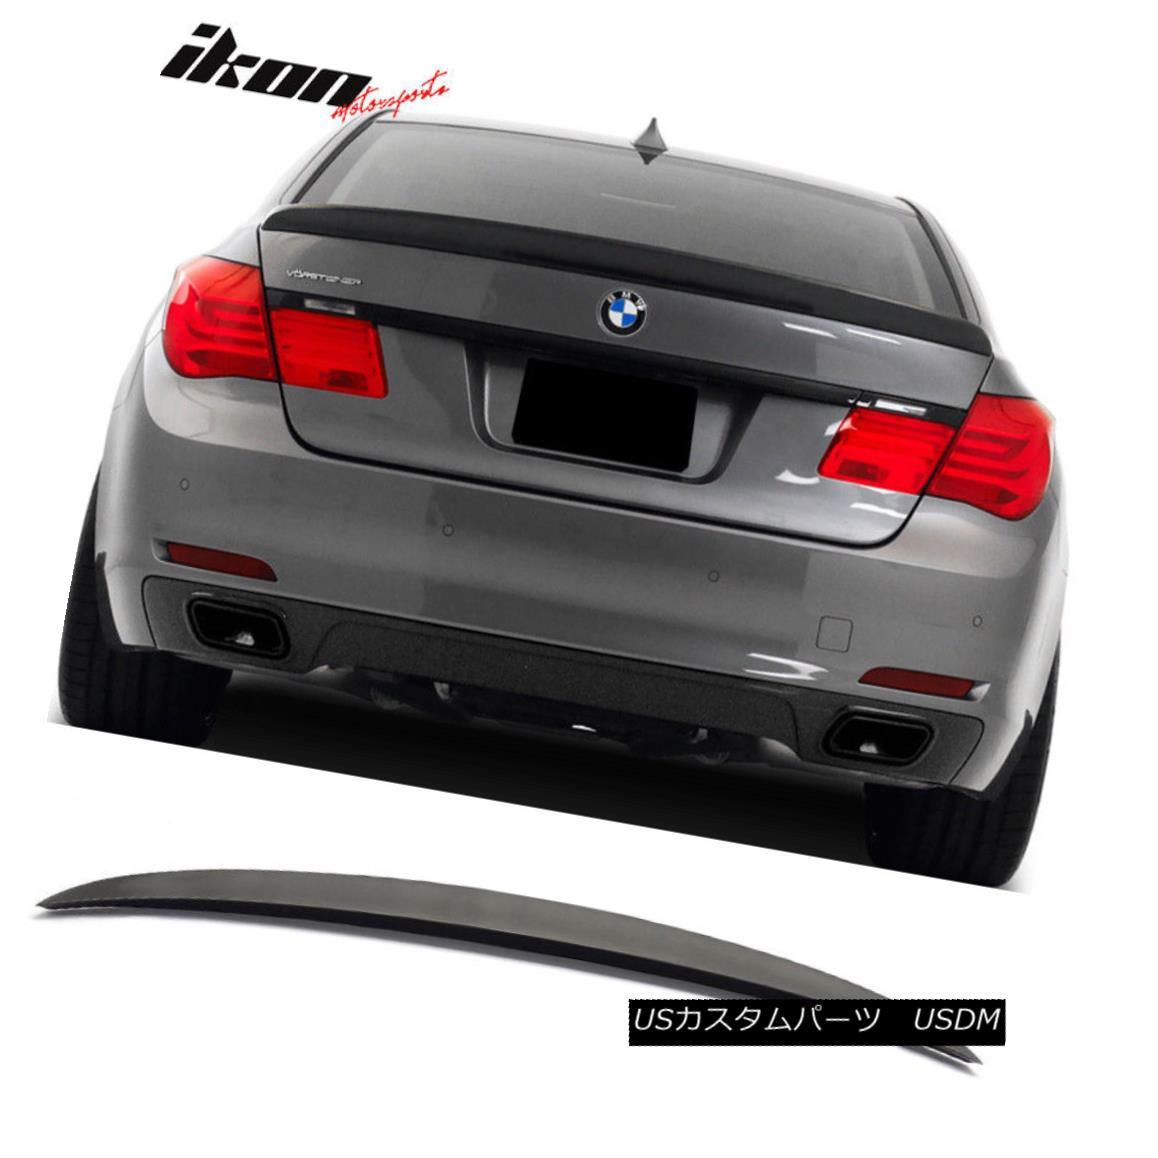 エアロパーツ Fits 09-15 BMW F01 7 Series AC-S Style Painted Matte Black Trunk Spoiler Wing フィット09-15 BMW F01 7シリーズAC - Sスタイル塗装マットブラックトランクスポイラーウィング